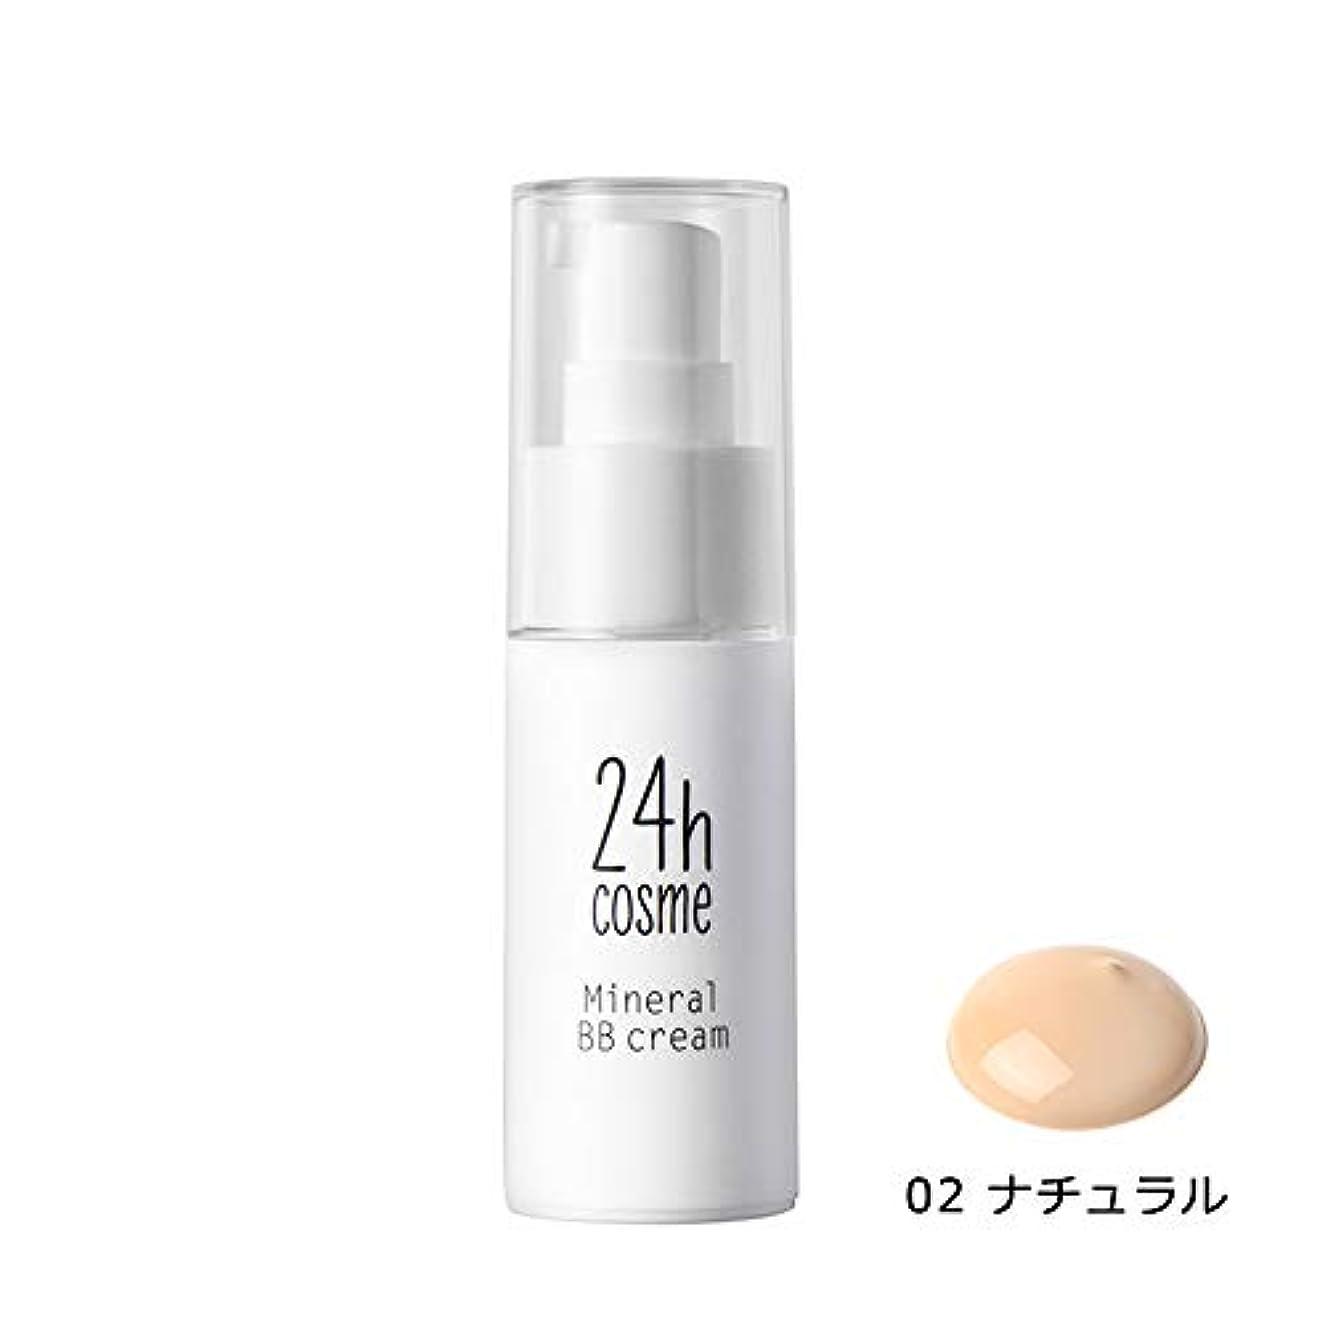 ジャズ口径原油24h cosme 24 ミネラルBBクリーム 02 ナチュラル SPF30PA+++